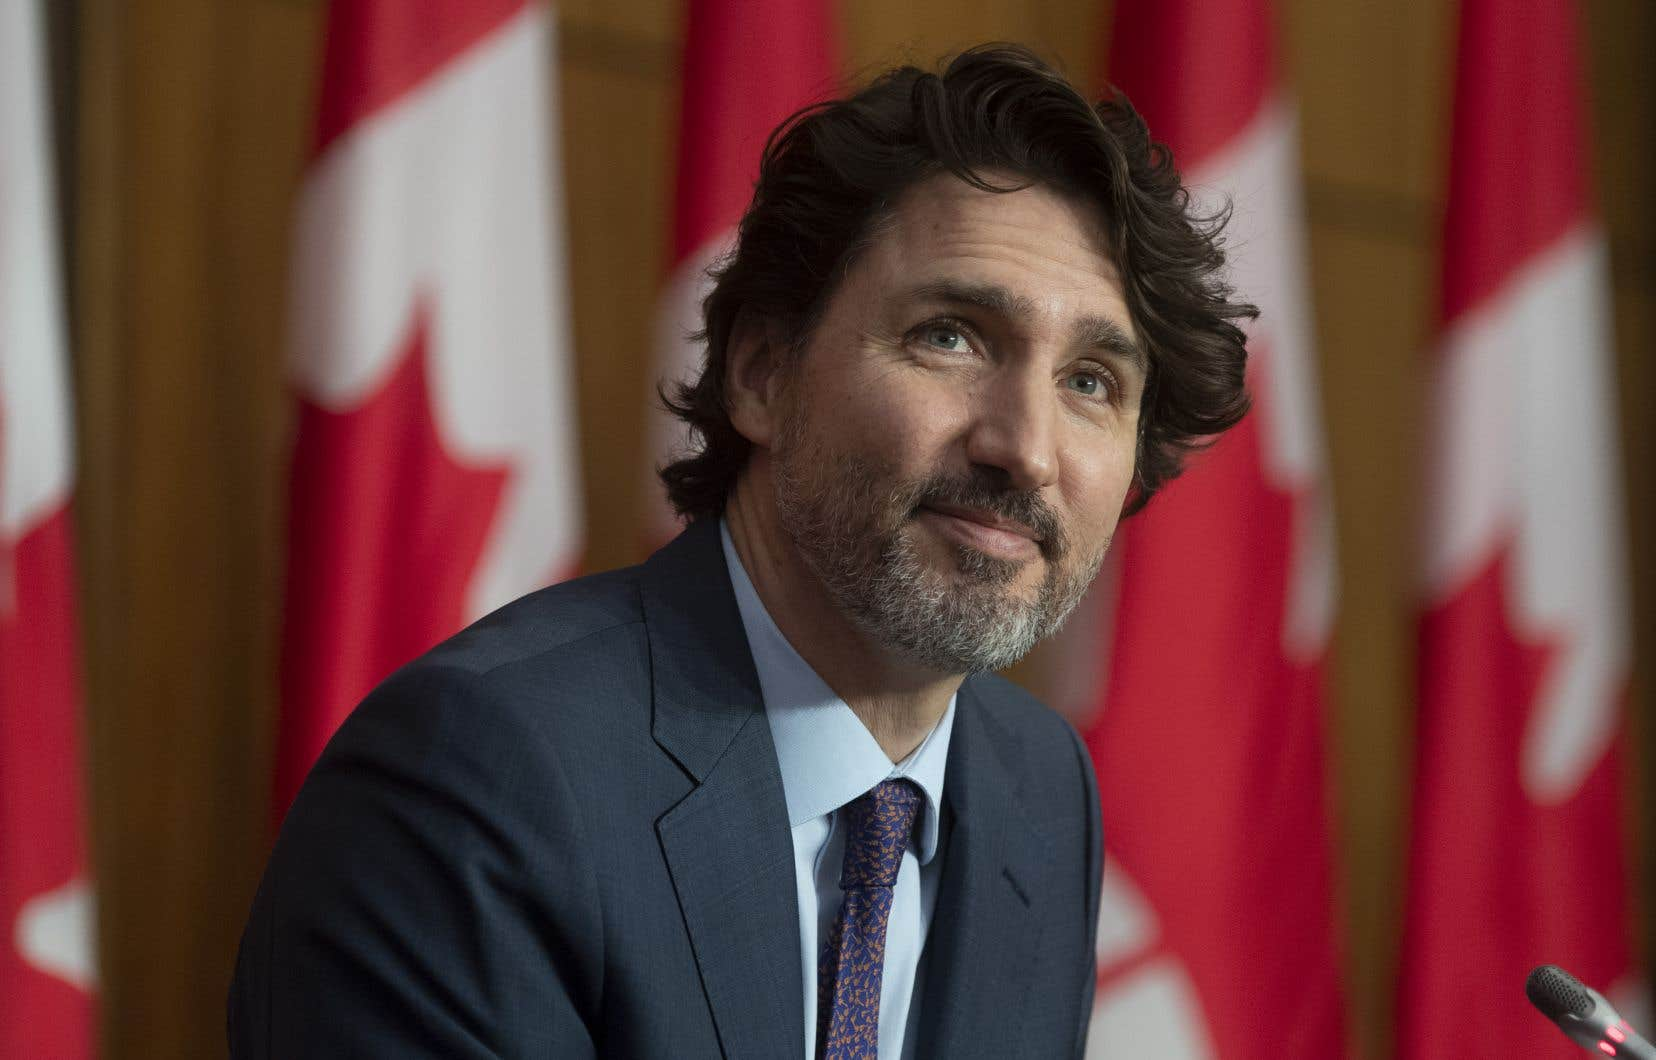 Le premier ministre Justin Trudeau continue d'entretenir le flou quant à la position du Canada sur la suspension temporaire des brevets des vaccins anti-COVID et la source de ses hésitations.